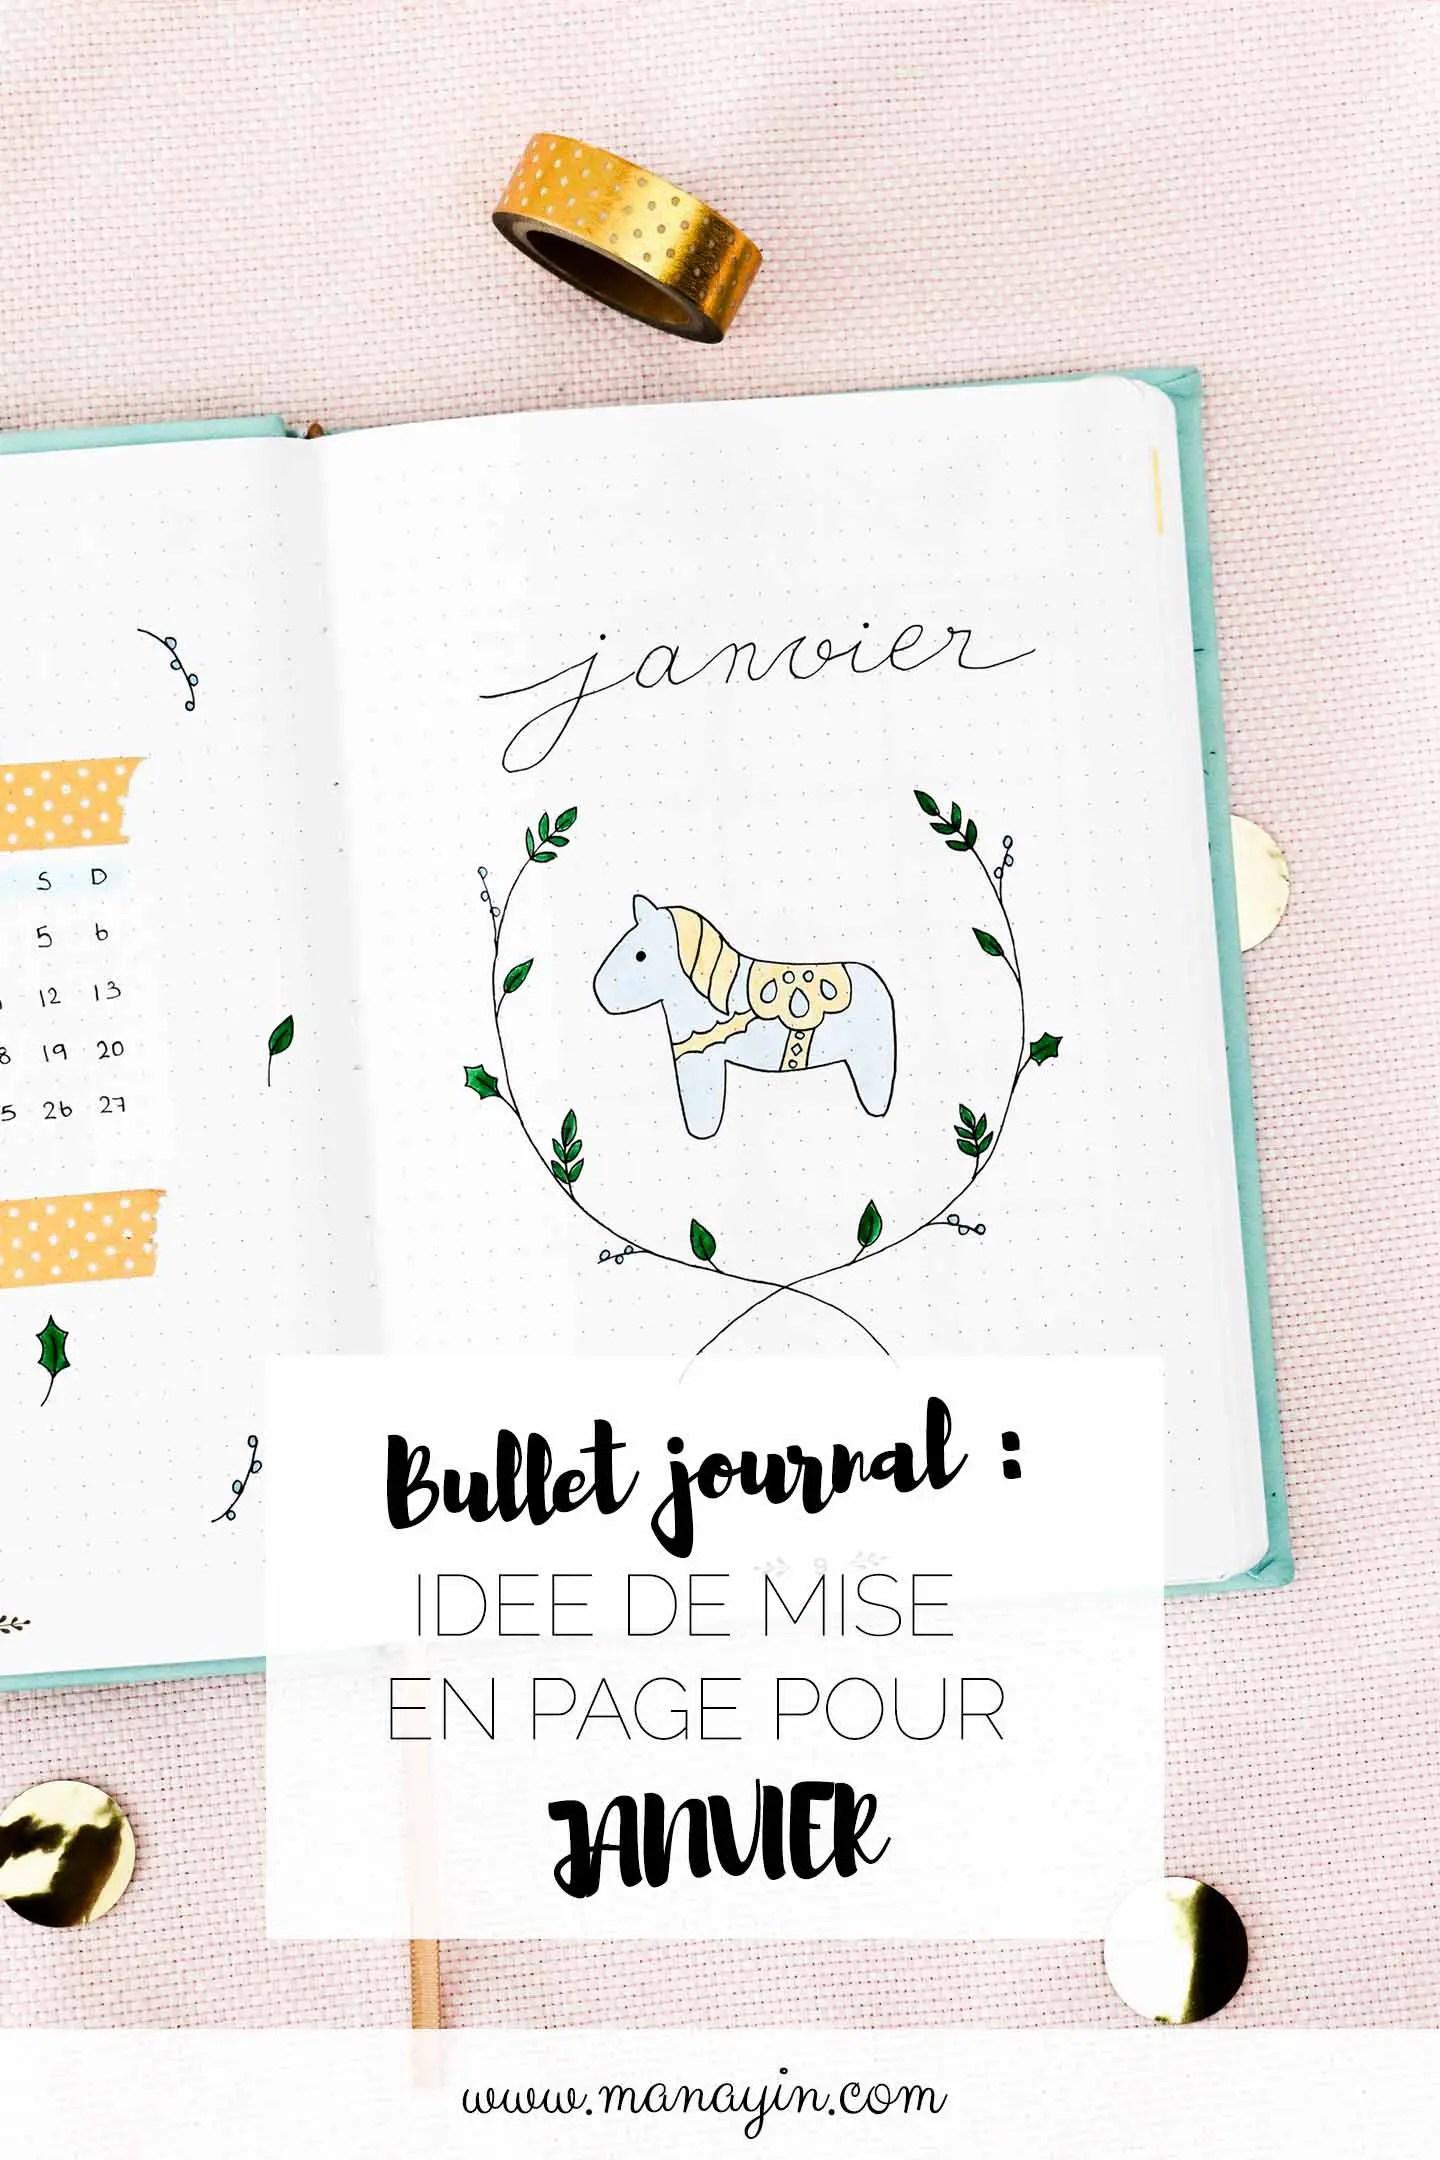 Bullet journal janvier